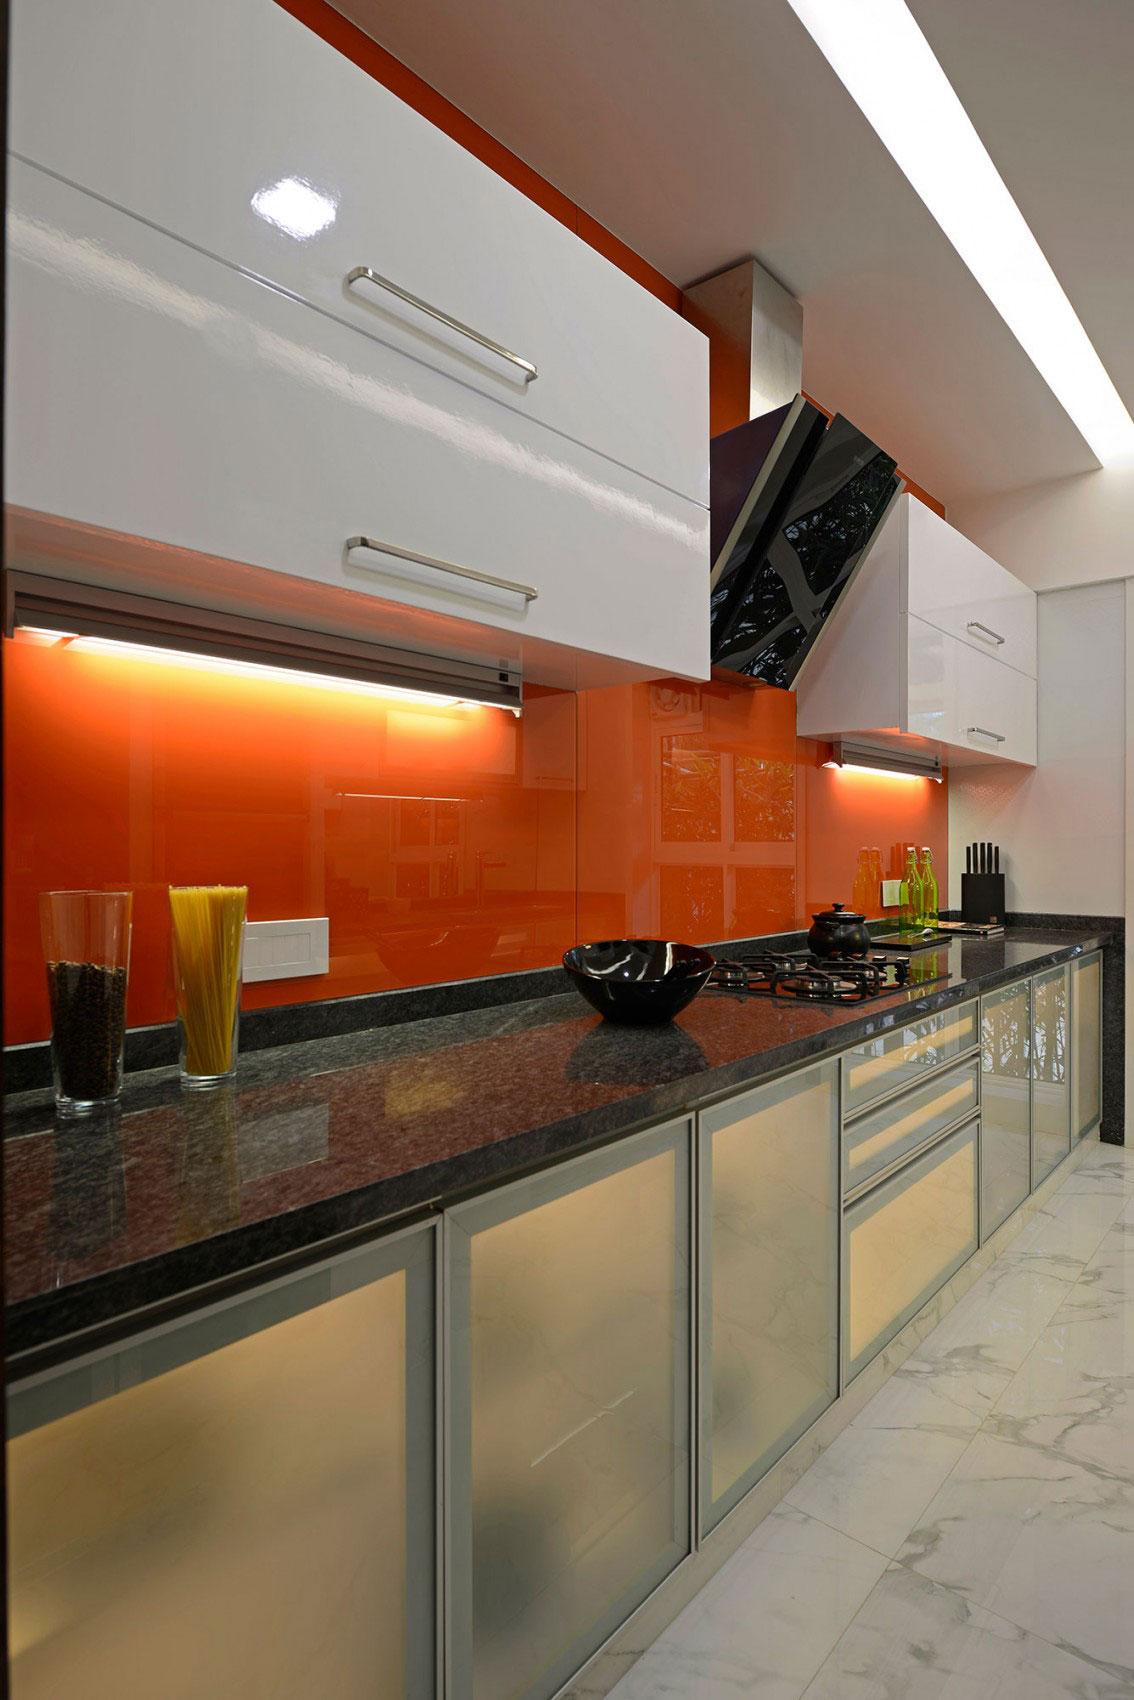 Modern bostad som har ett riktigt iögonfallande utseende 10 Modern bostad som har ett riktigt iögonfallande utseende